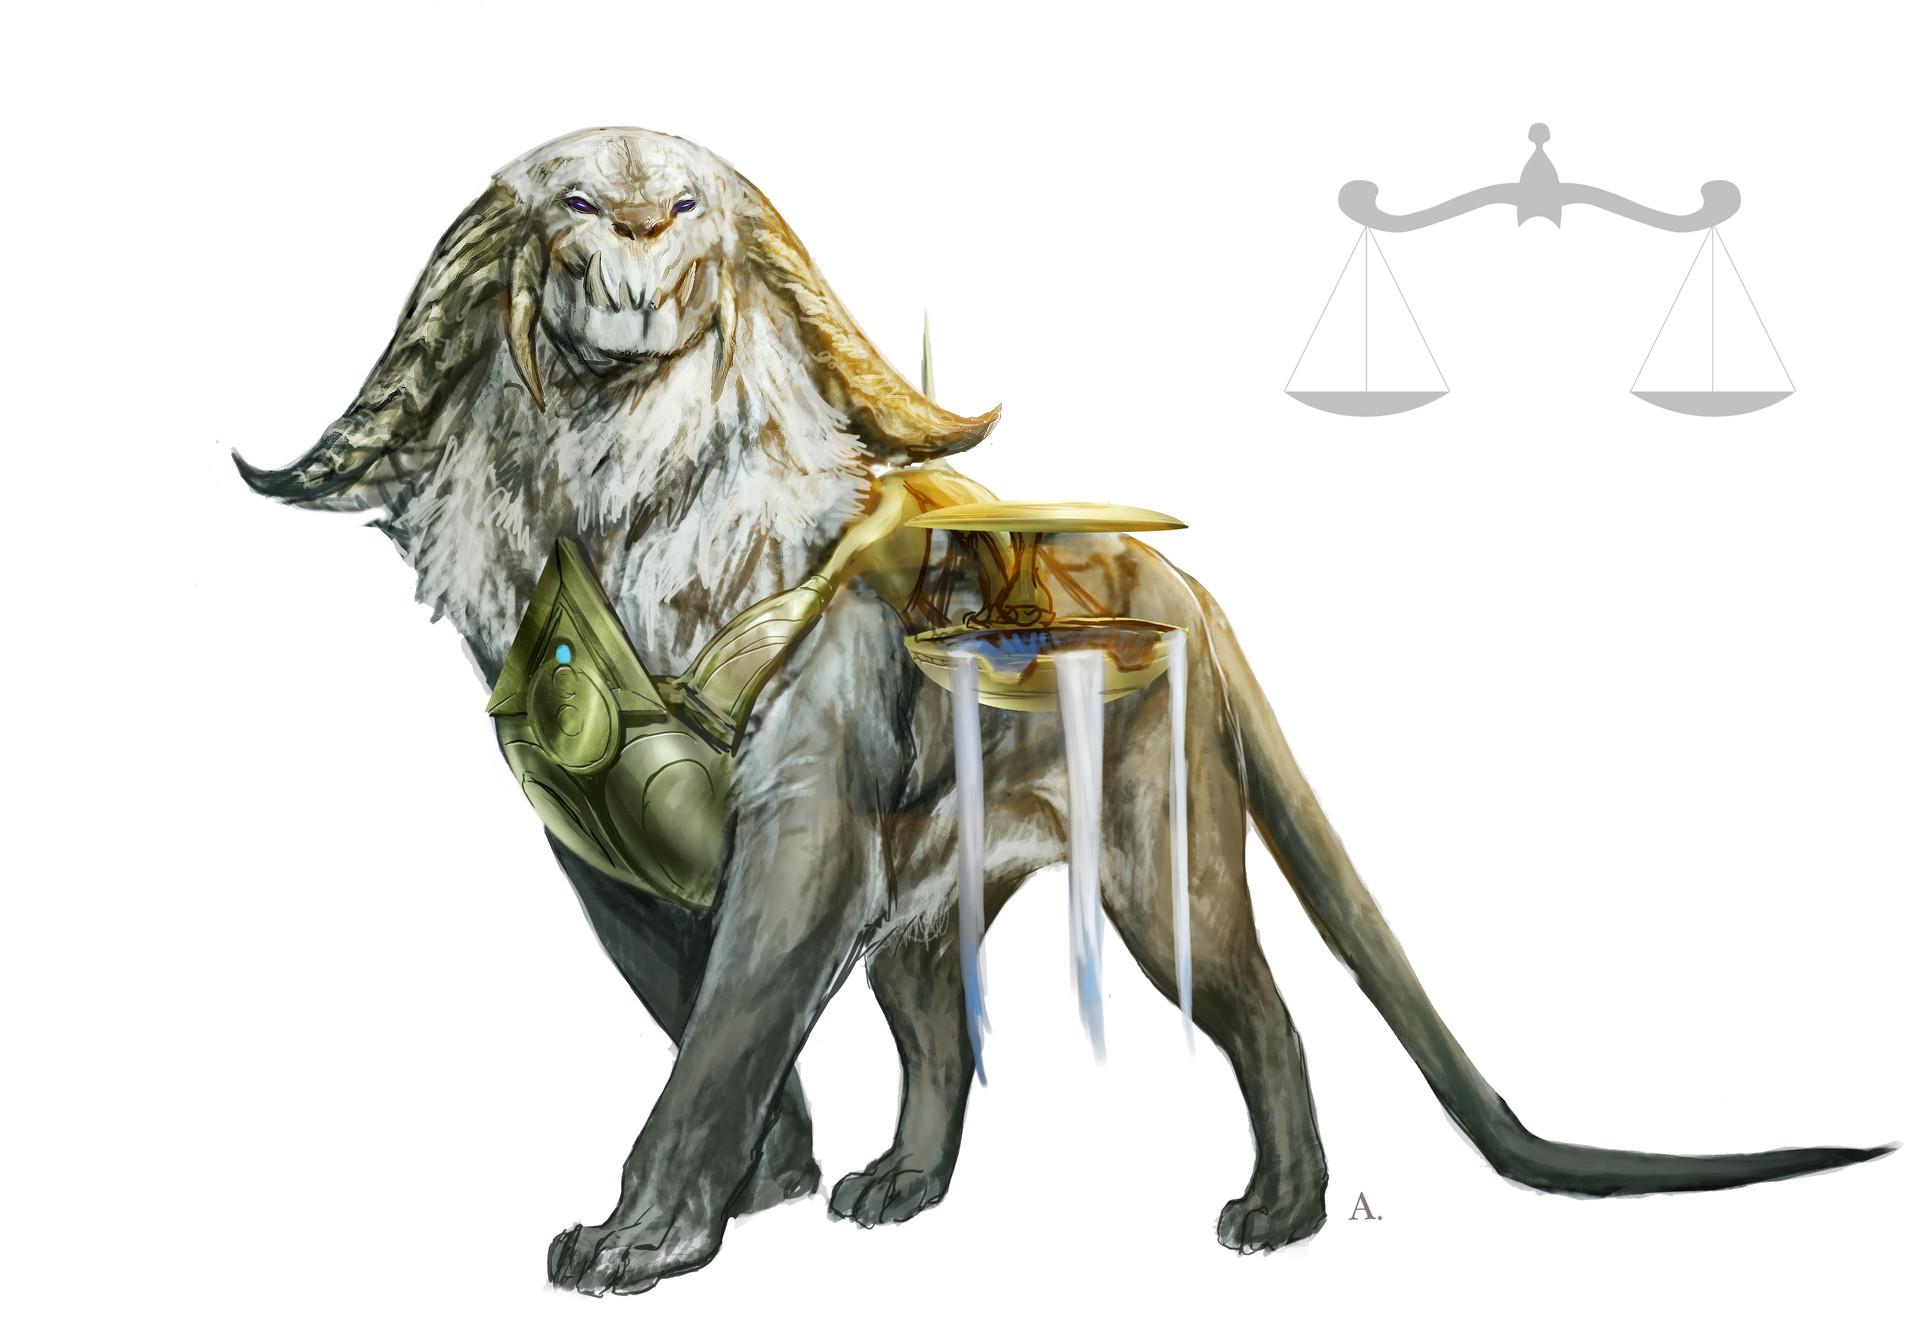 Aleksi briclot magic hook concept azorius creature lion giant 01